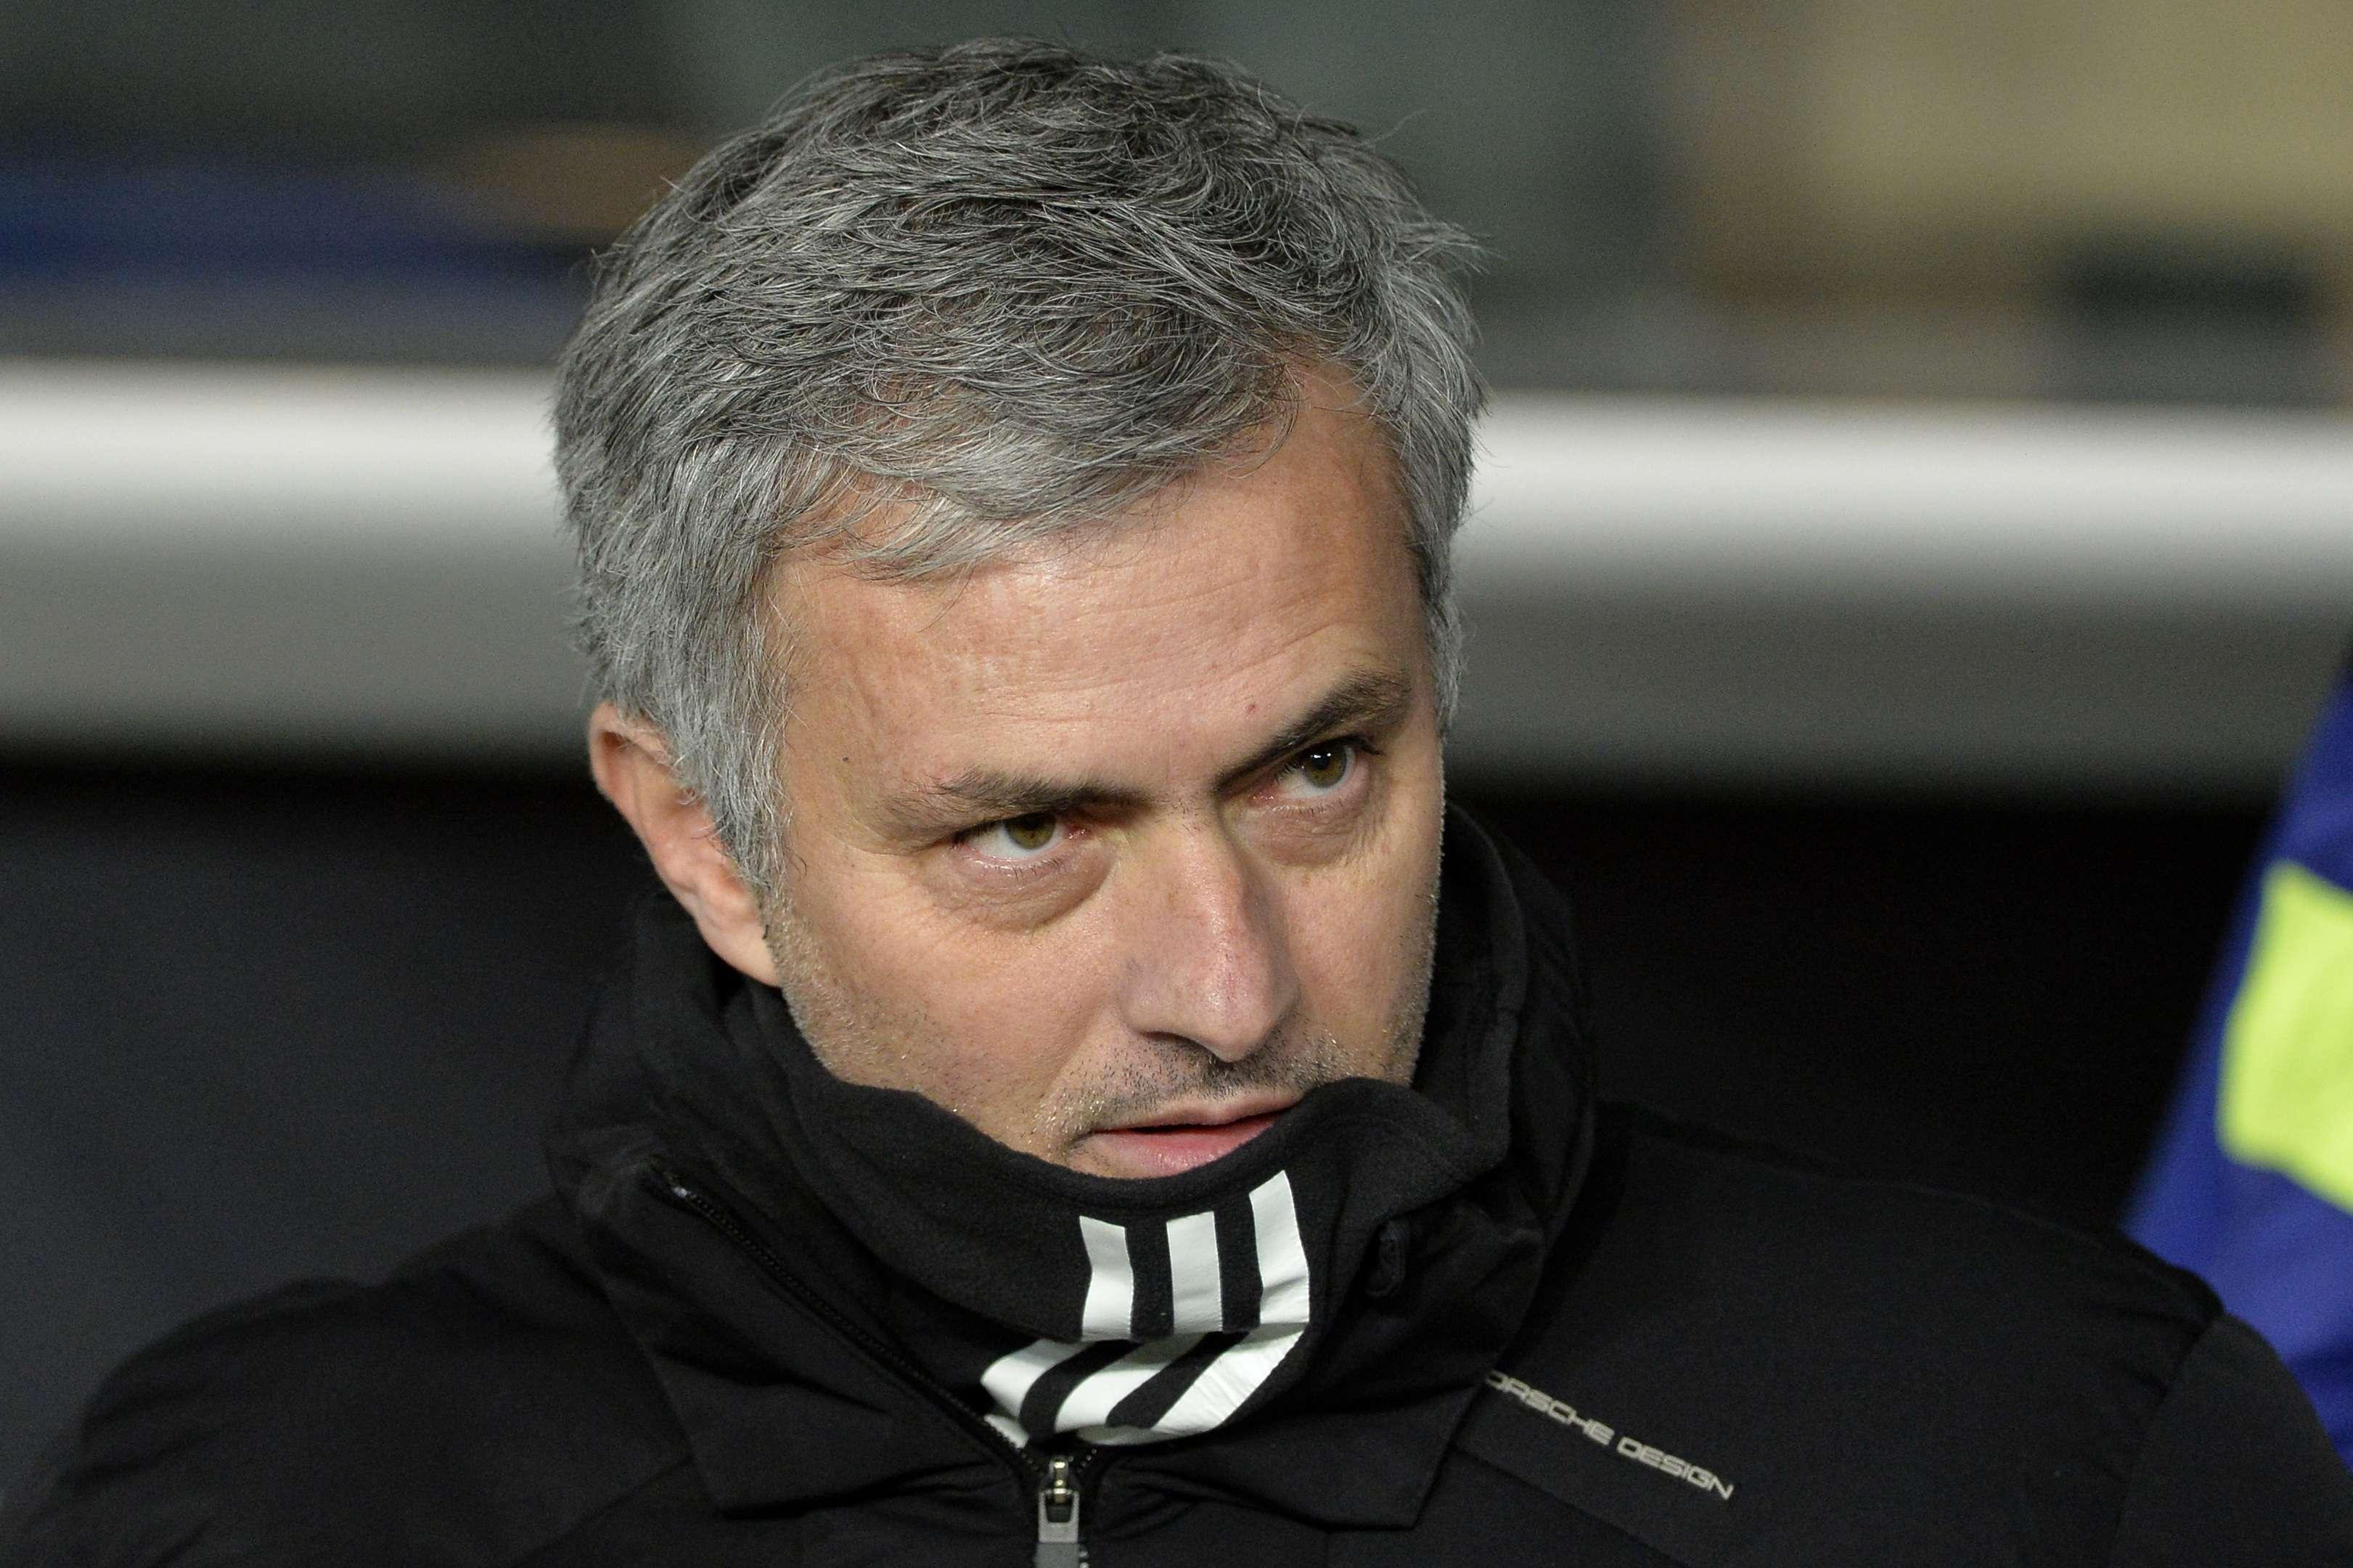 José Mourinho comemorou empate no Parque dos Príncipes Foto: Miguel Medina/AFP